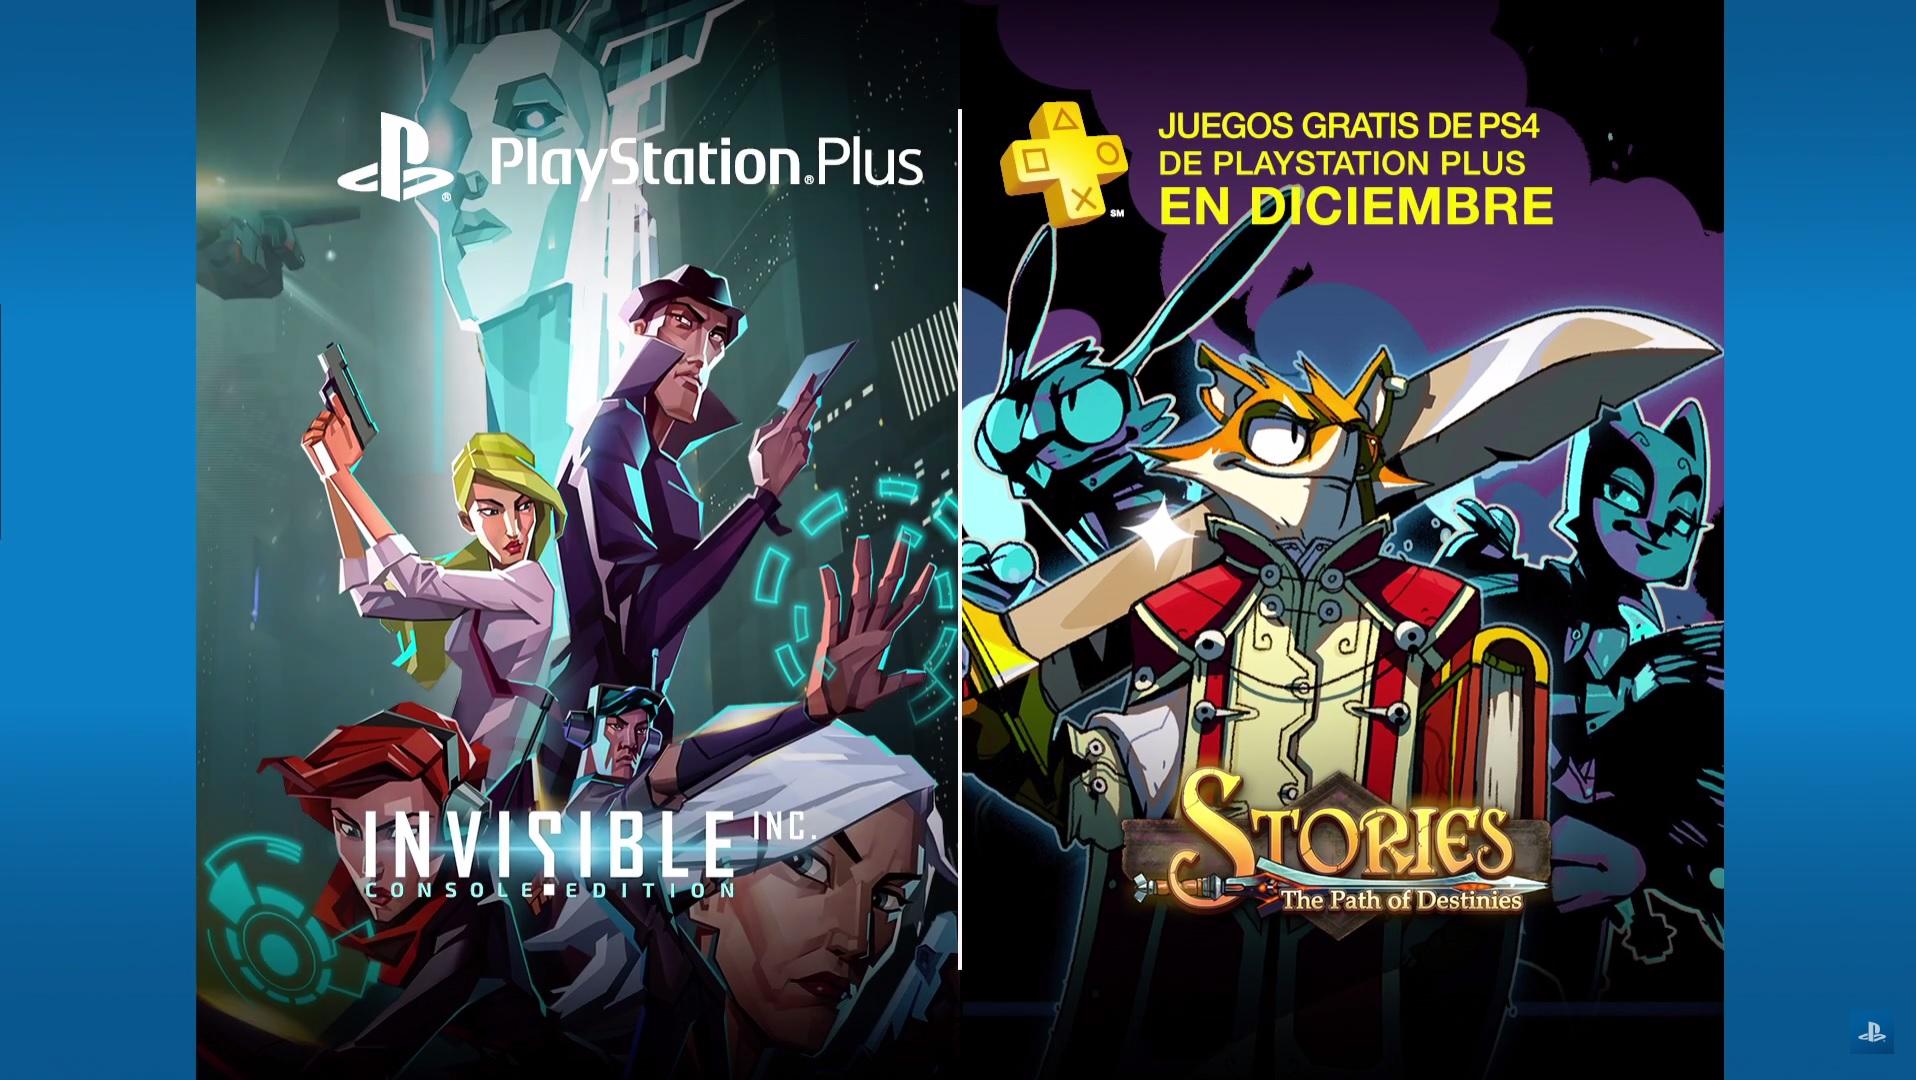 Sony anunció los juegos gratis de PS Plus para diciembre y son JUEGAZOS!